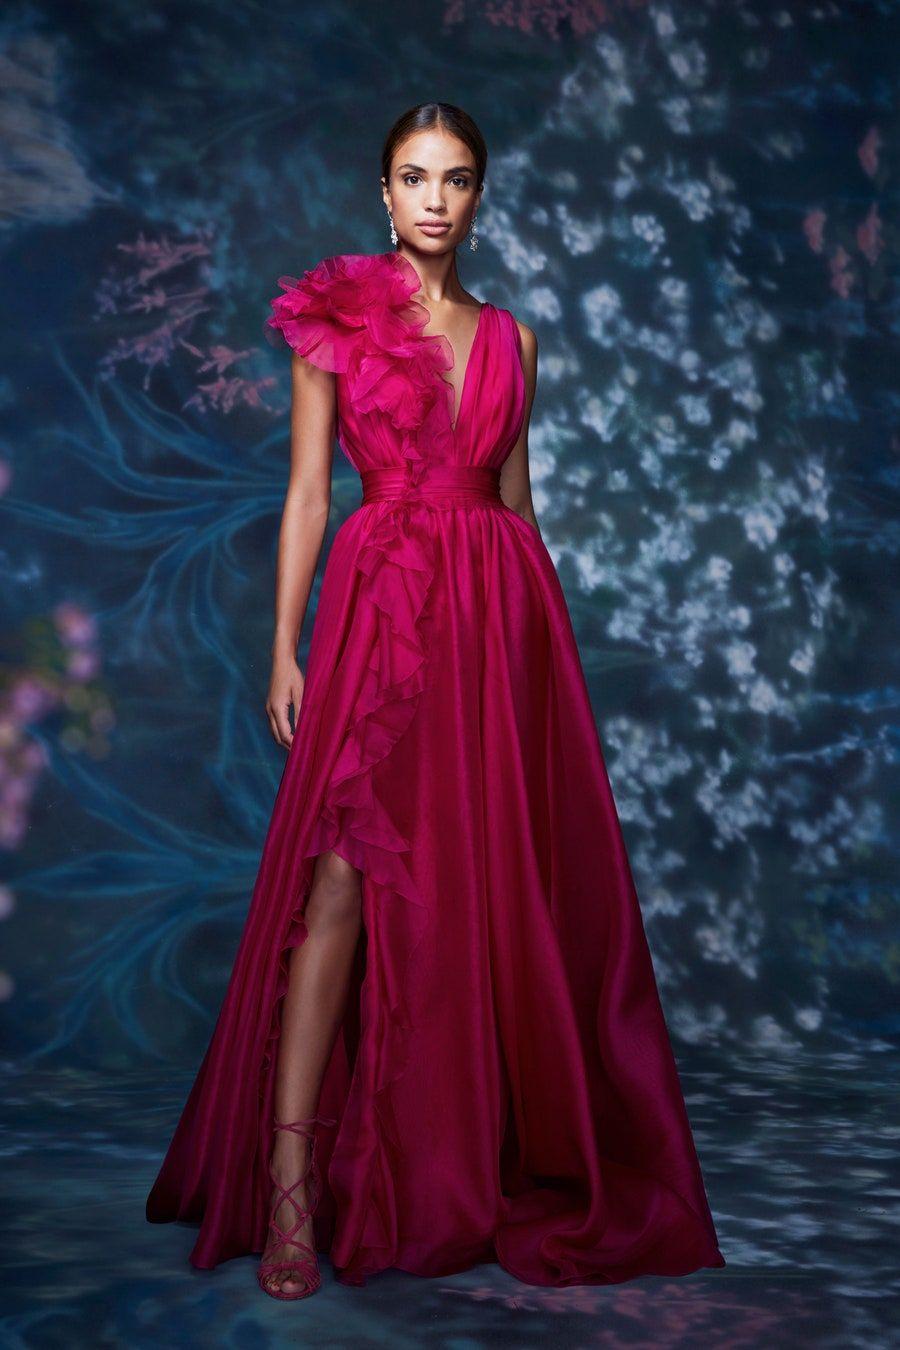 Marchesa Spring 8 Ready-to-Wear Fashion Show  Fashion attire